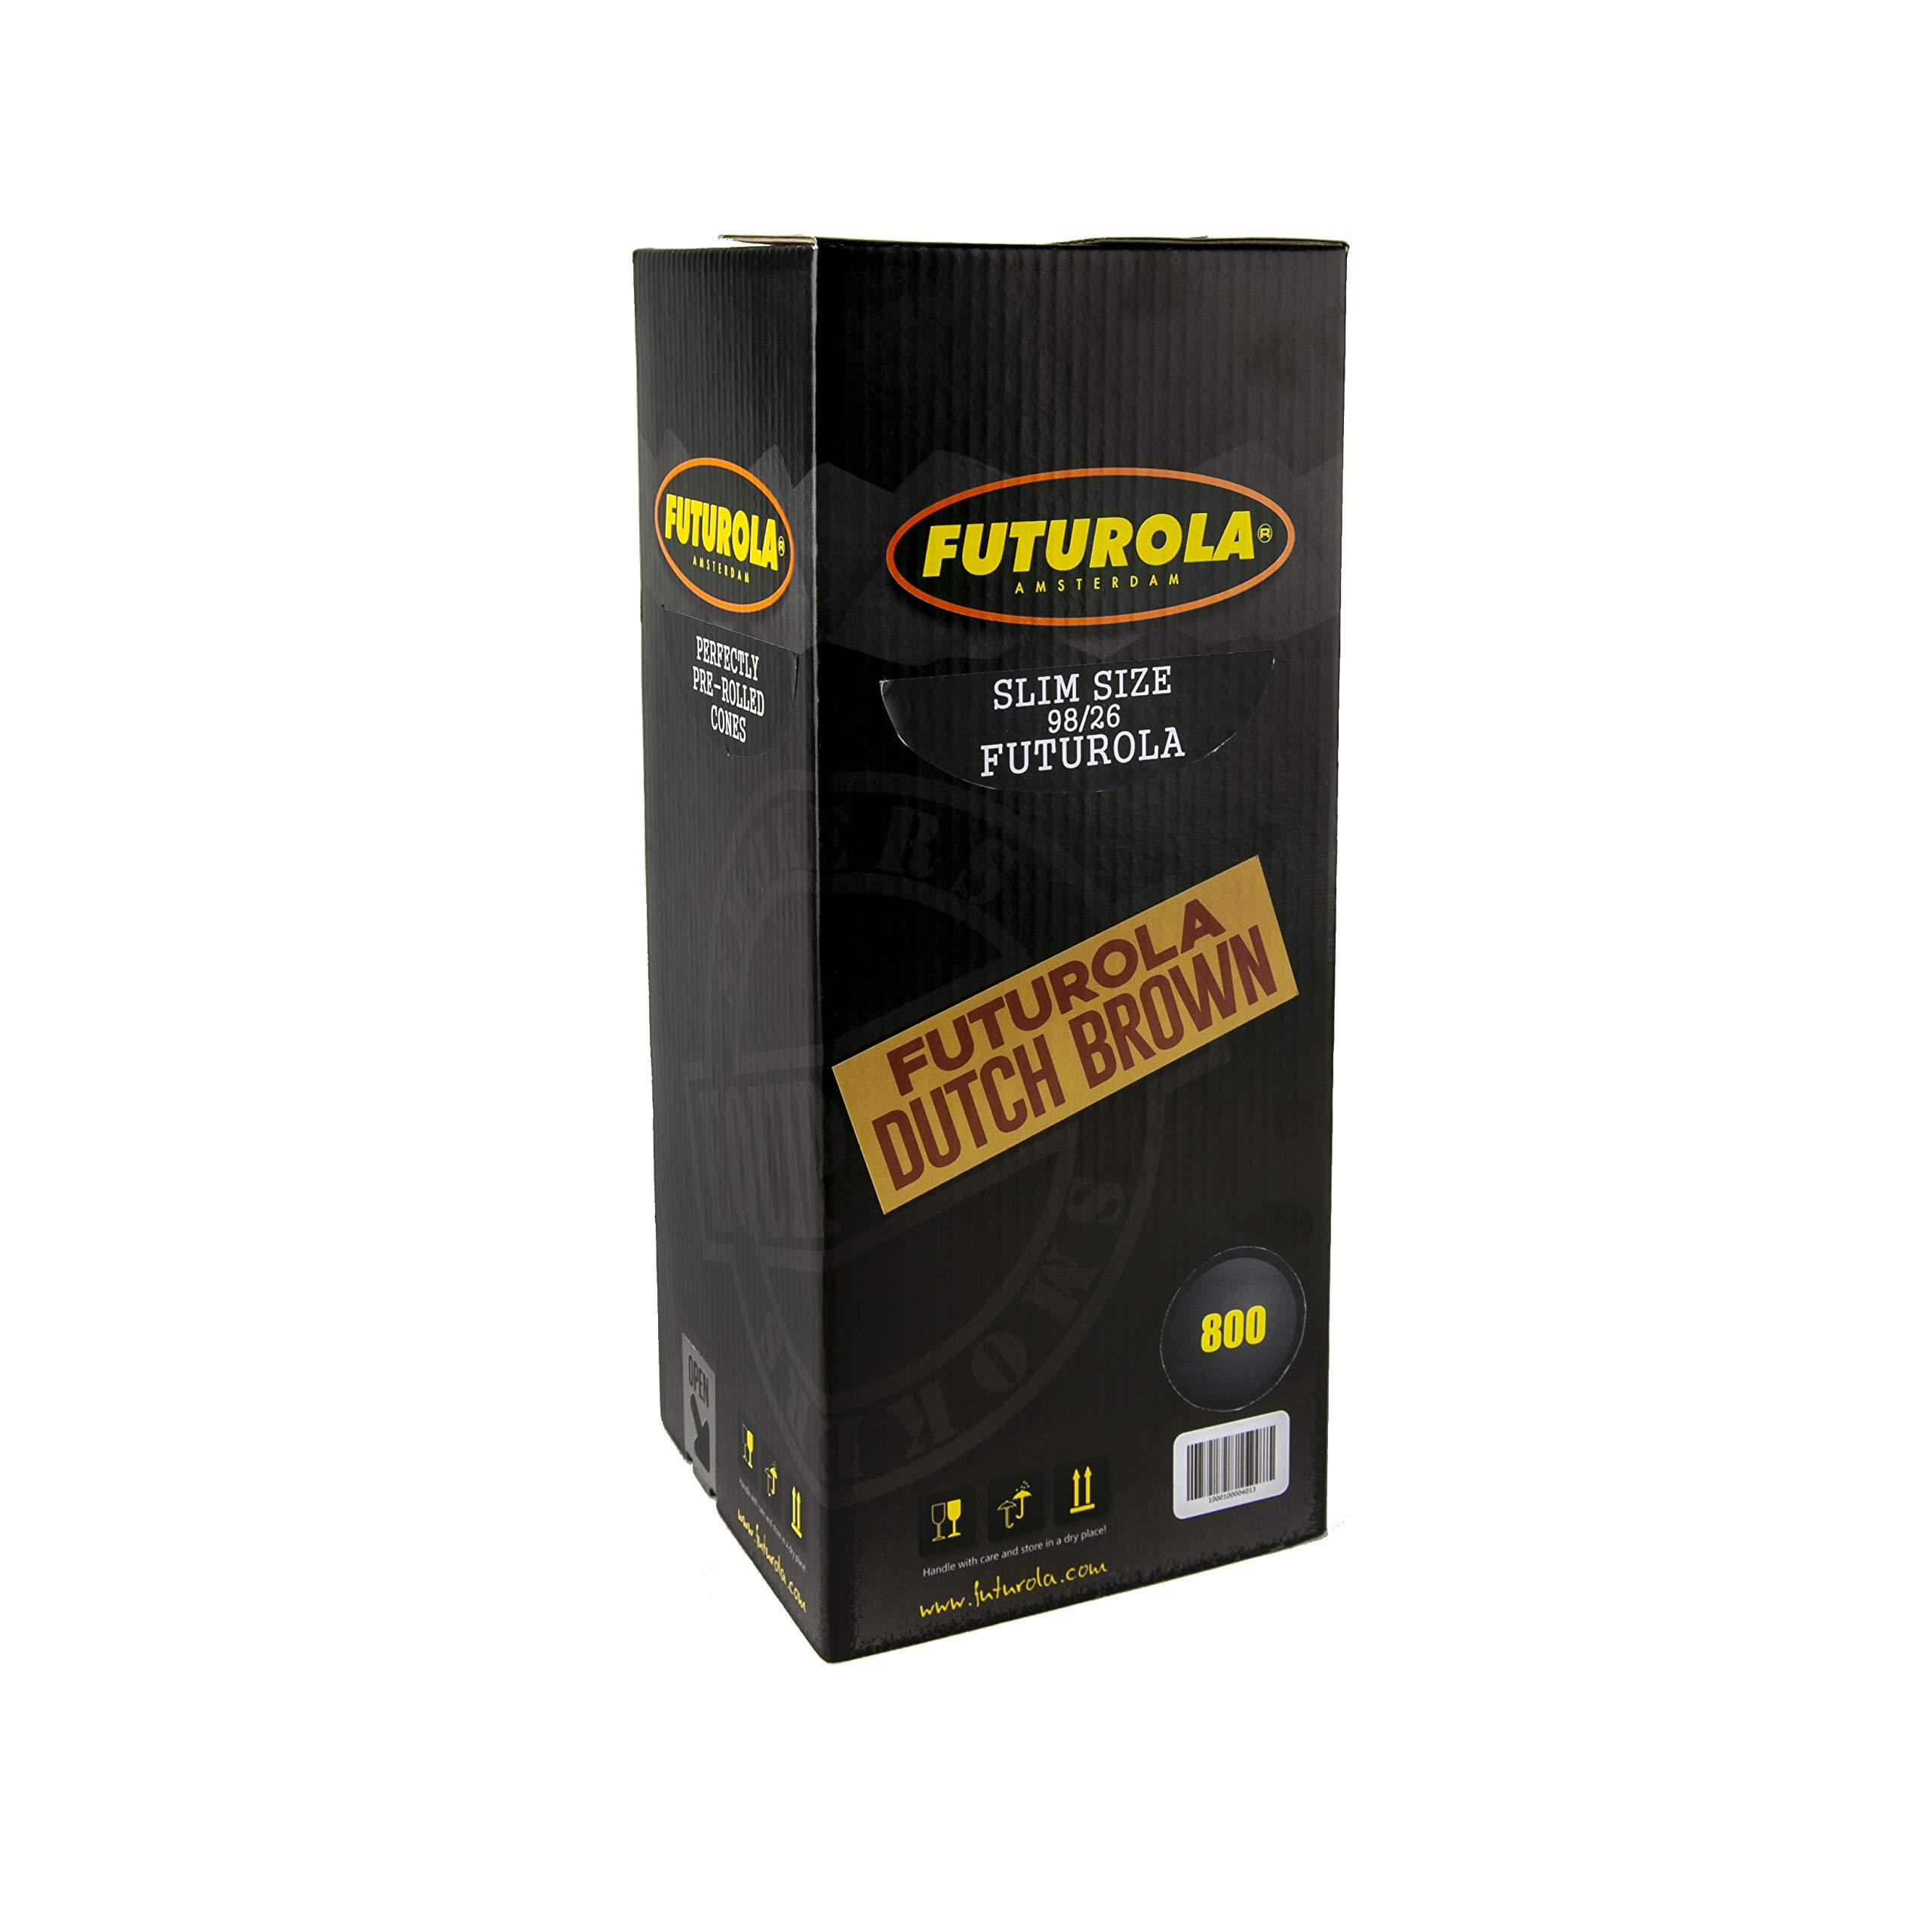 Futurola - Unrefined Super Thin Pre Rolled Cones - (800, Slim 98/26mm - Dutch Brown)